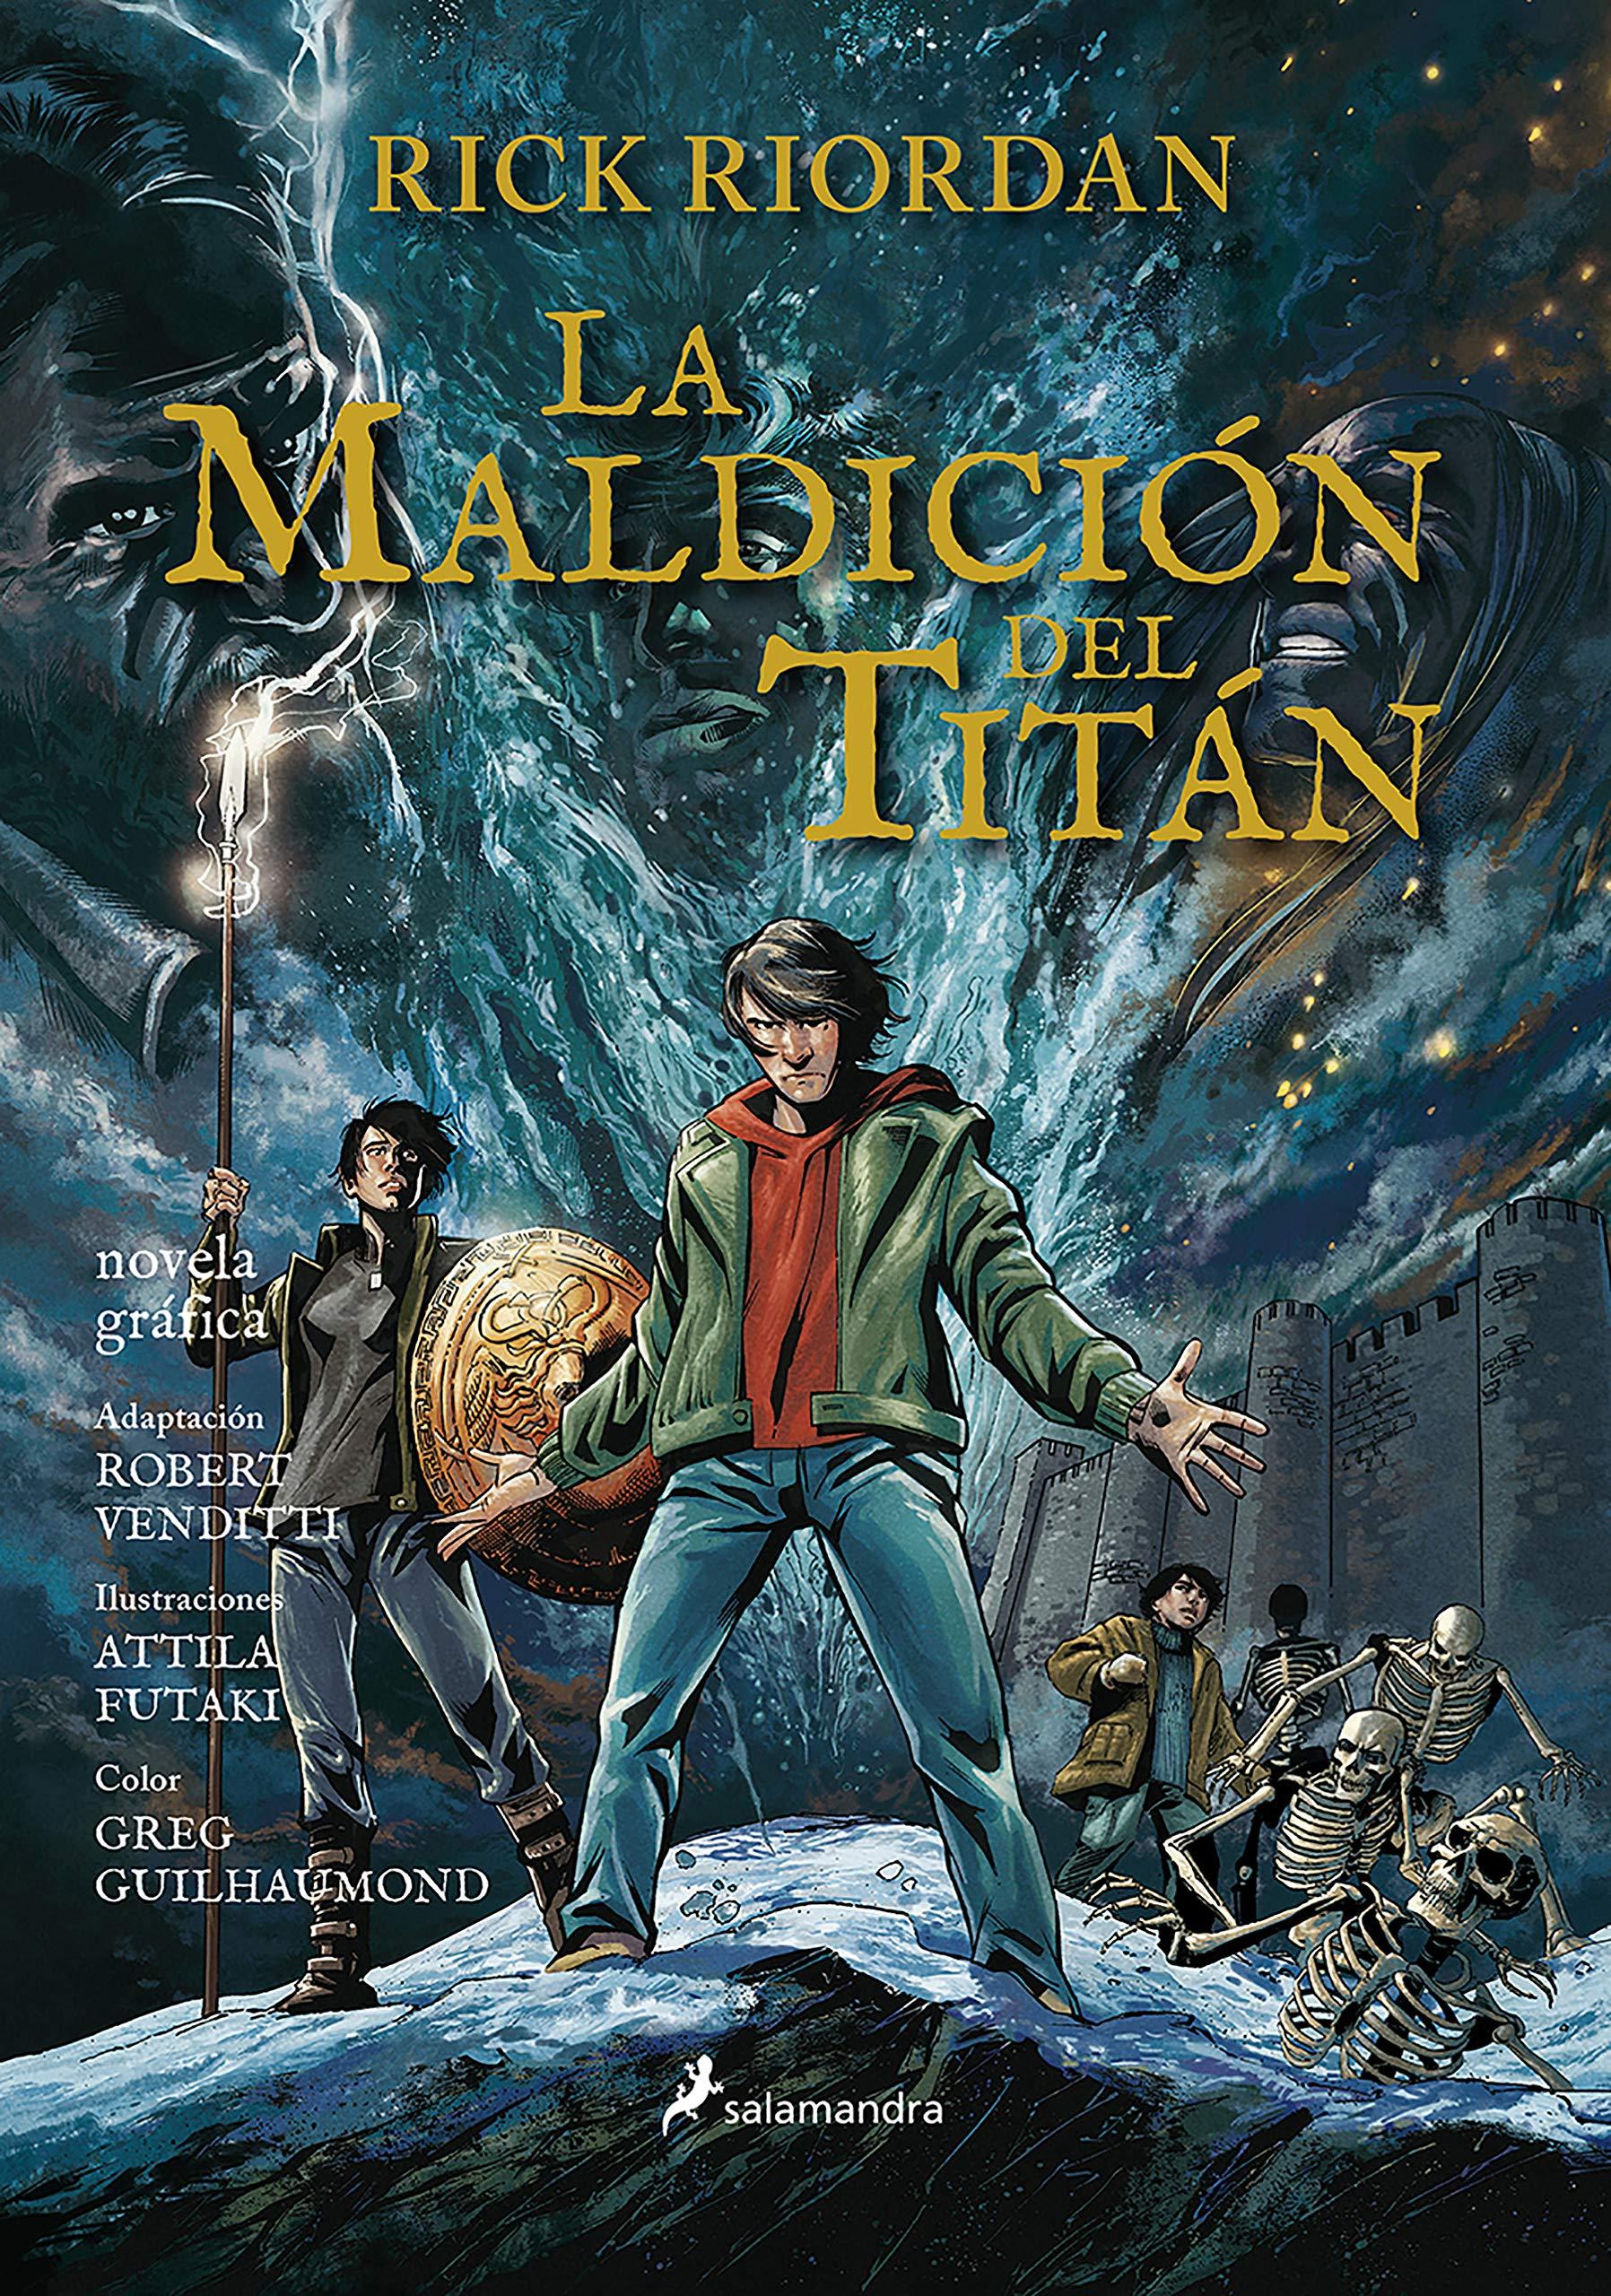 La maldición del Titán Percy Jackson y los dioses del Olimpo novela gráfica 3 : Percy Jackson y los Dioses del Olimpo III: Amazon.es: Riordan, Rick: Libros